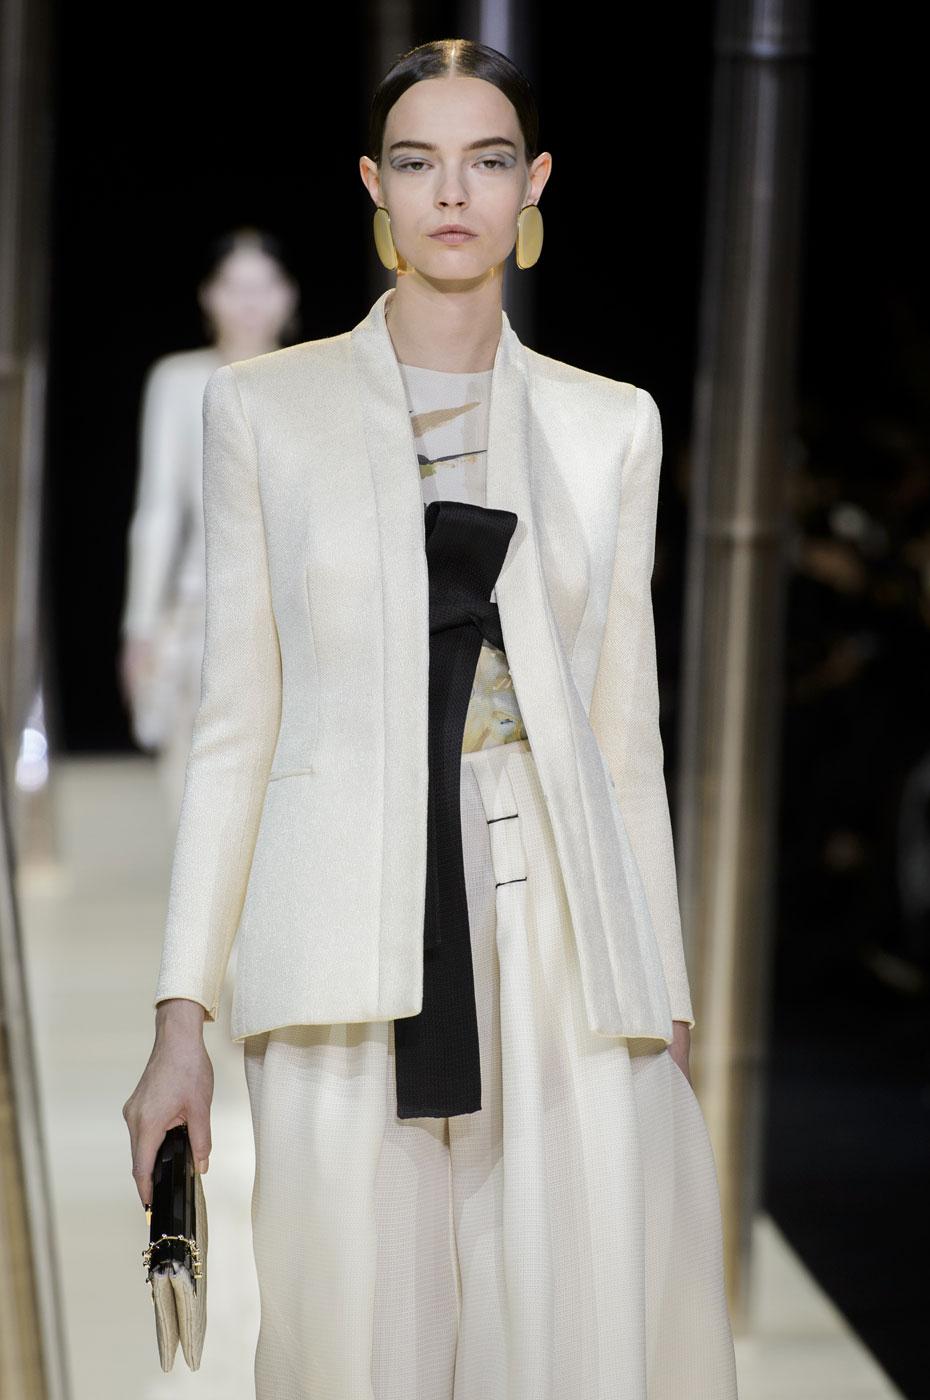 Giorgio-armani-Prive-fashion-runway-show-haute-couture-paris-spring-2015-the-impression-008